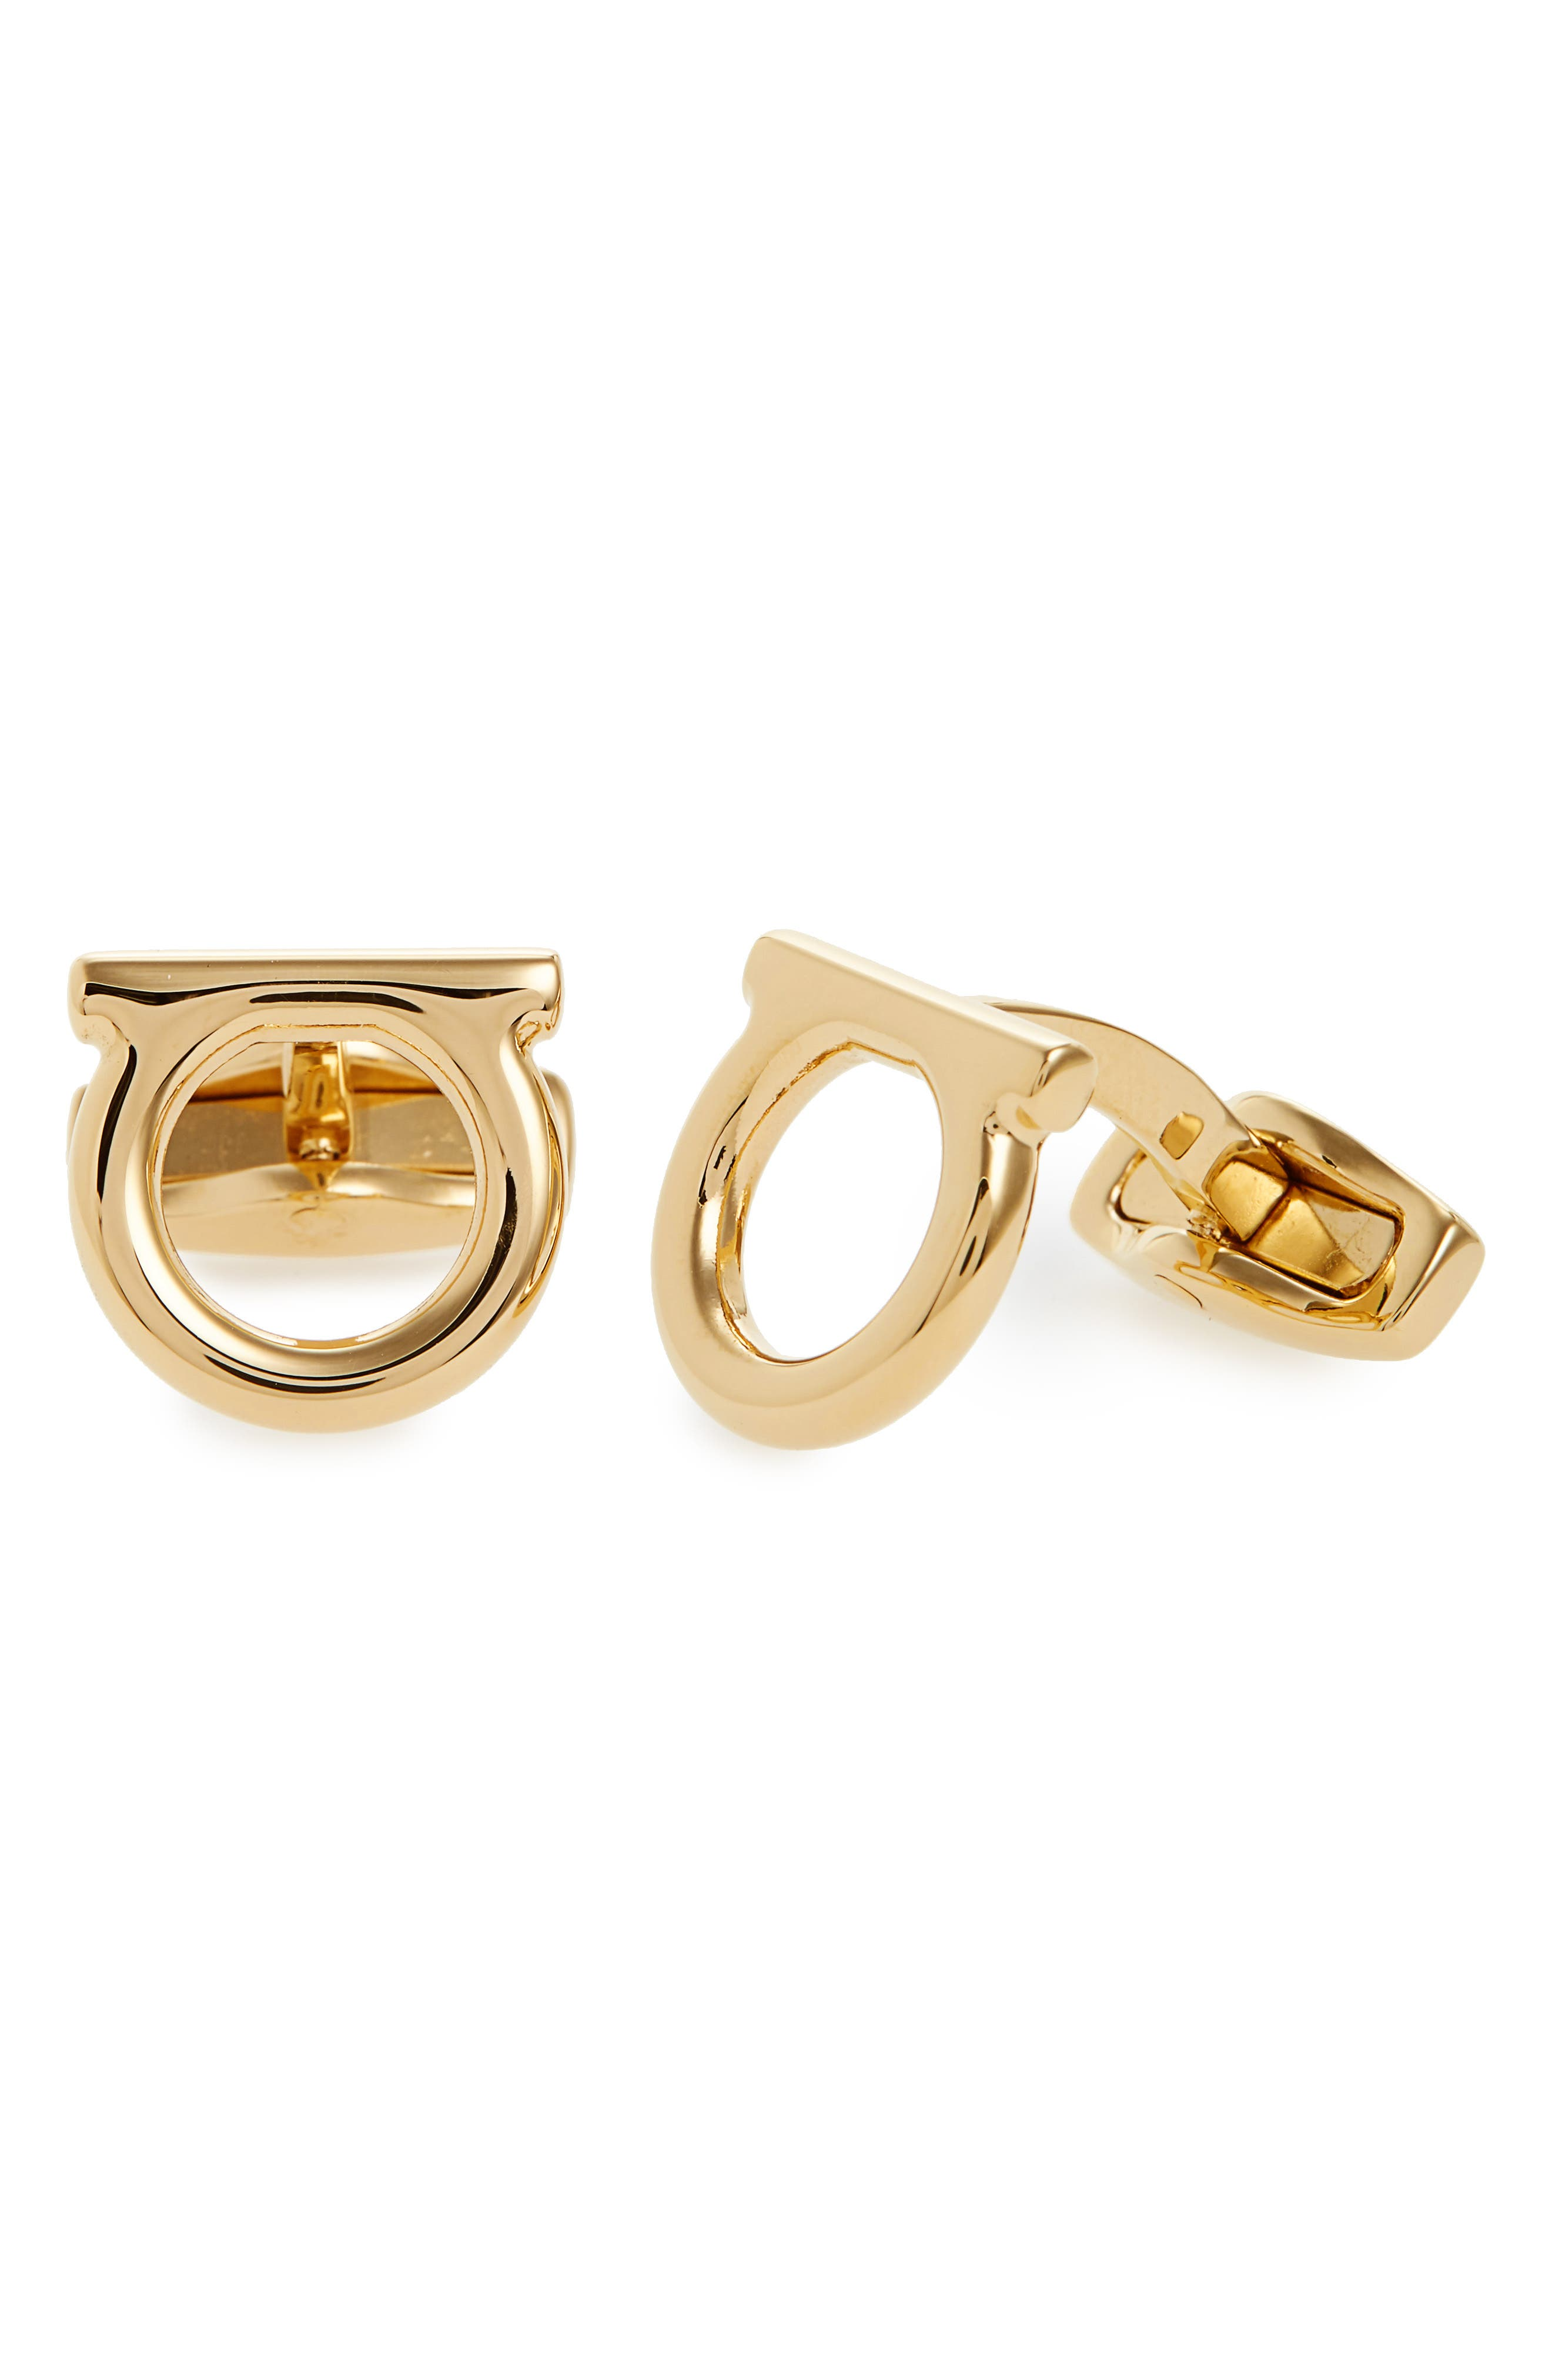 Single Gancio Cuff Links,                         Main,                         color, ORO/ GOLD